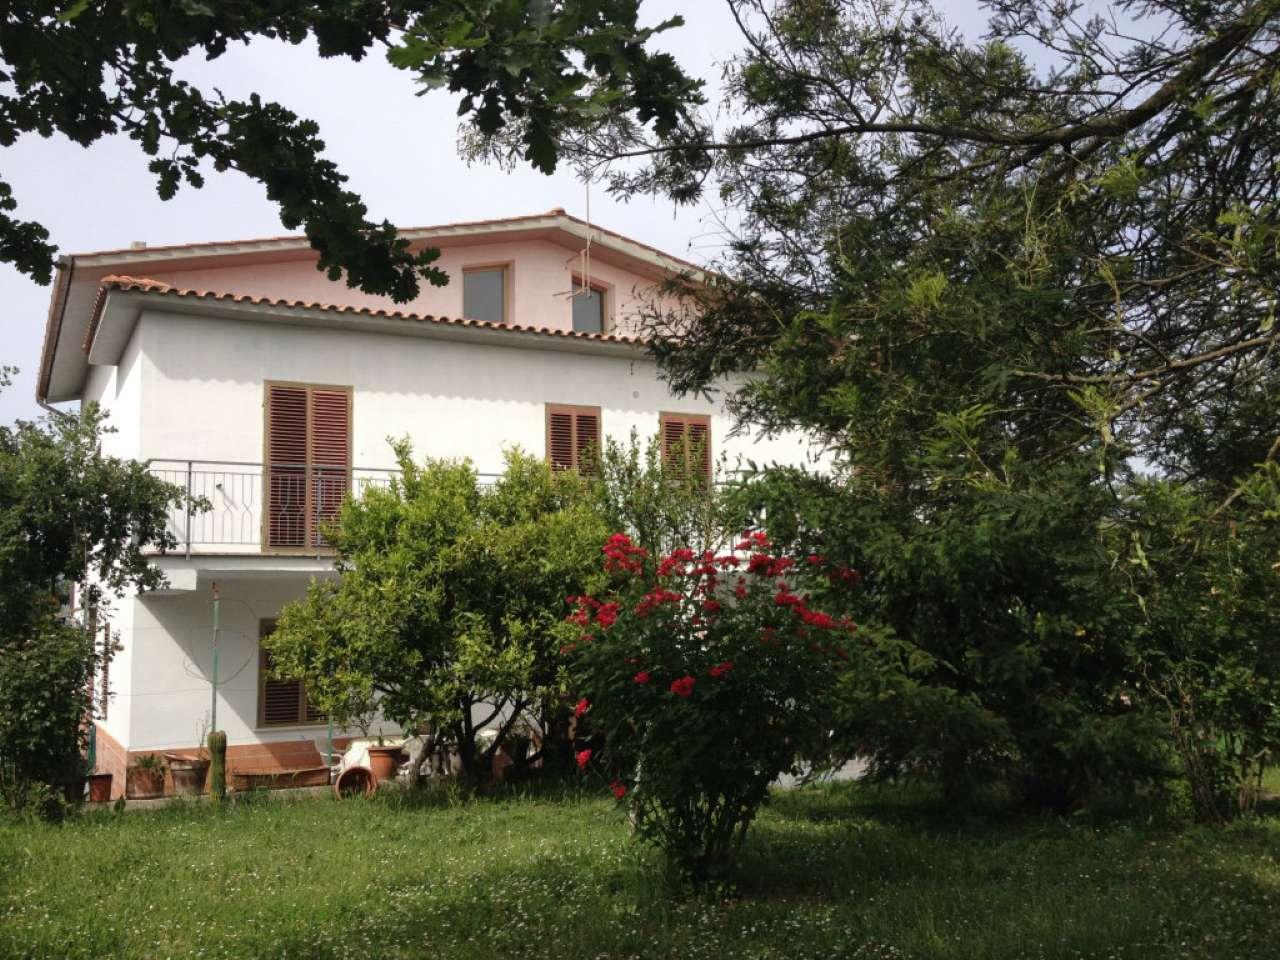 Villa in vendita a Forano, 12 locali, prezzo € 380.000 | CambioCasa.it